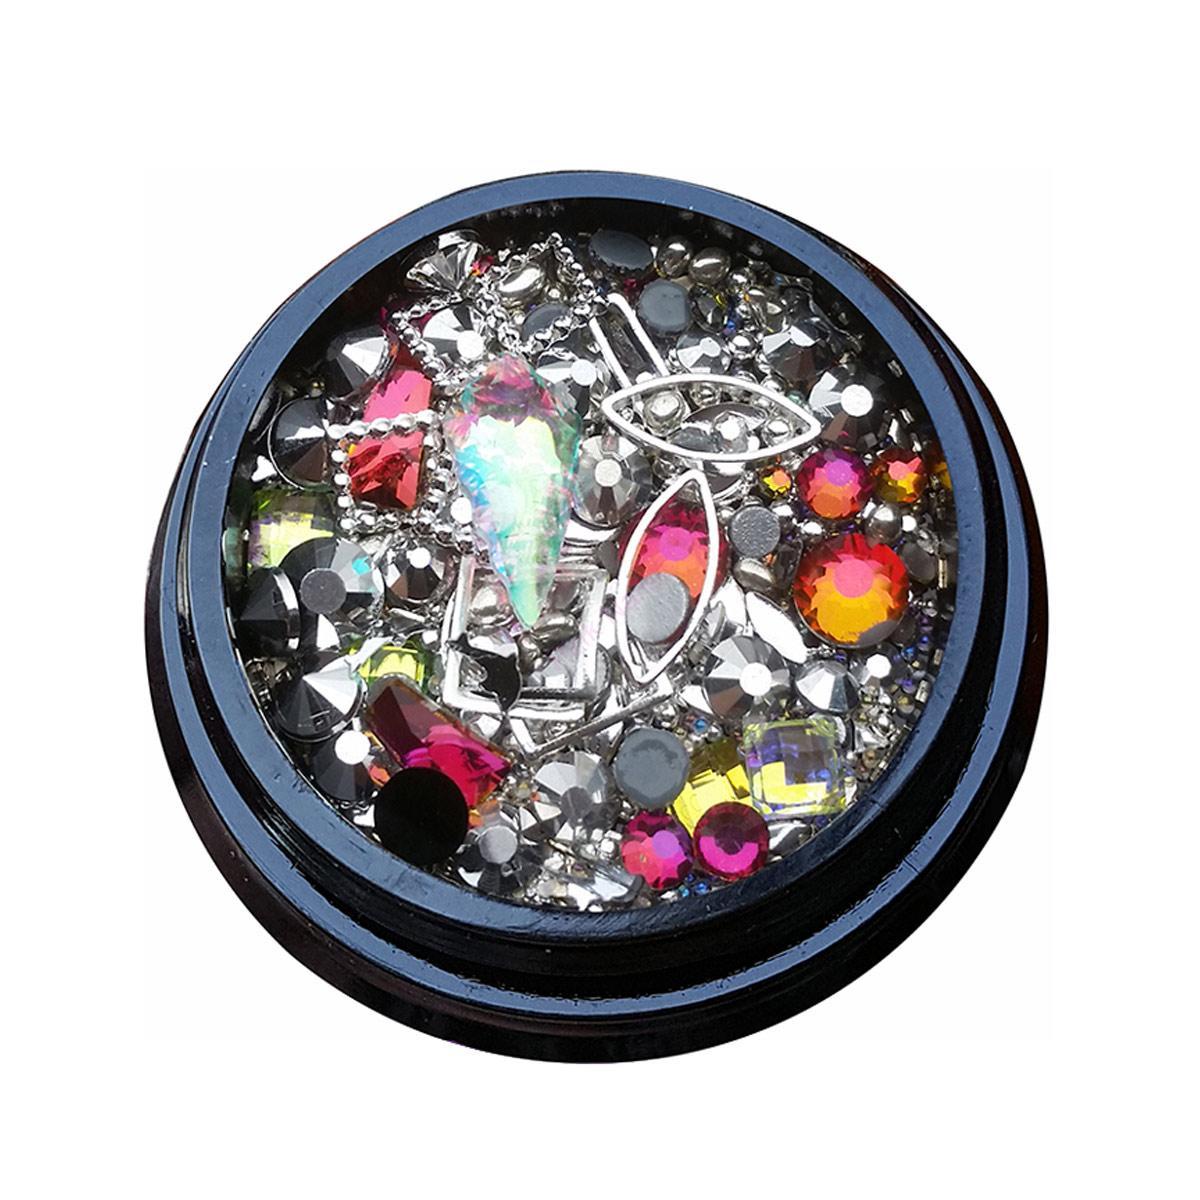 Ozdoby Na Nehty Nehtova Bizuterie Luxury Jewelry 16 Produkty Pro Nehtovy Design